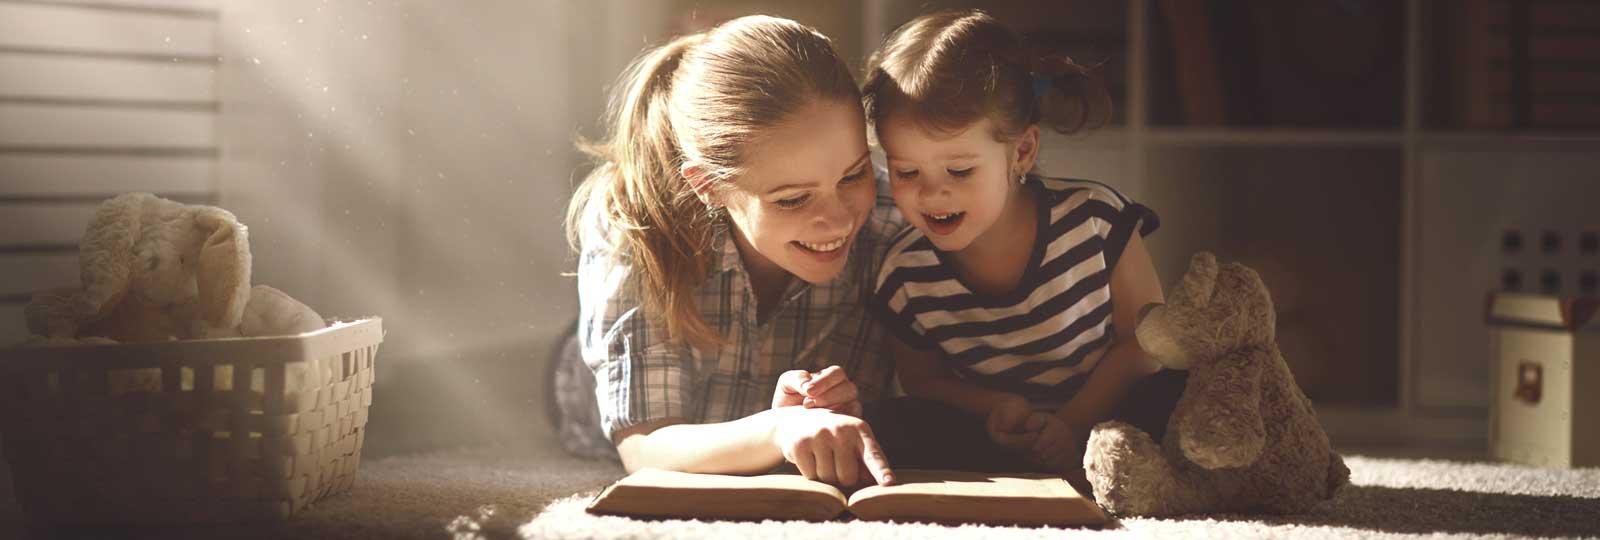 Un au pair y una niña leyendo un libro